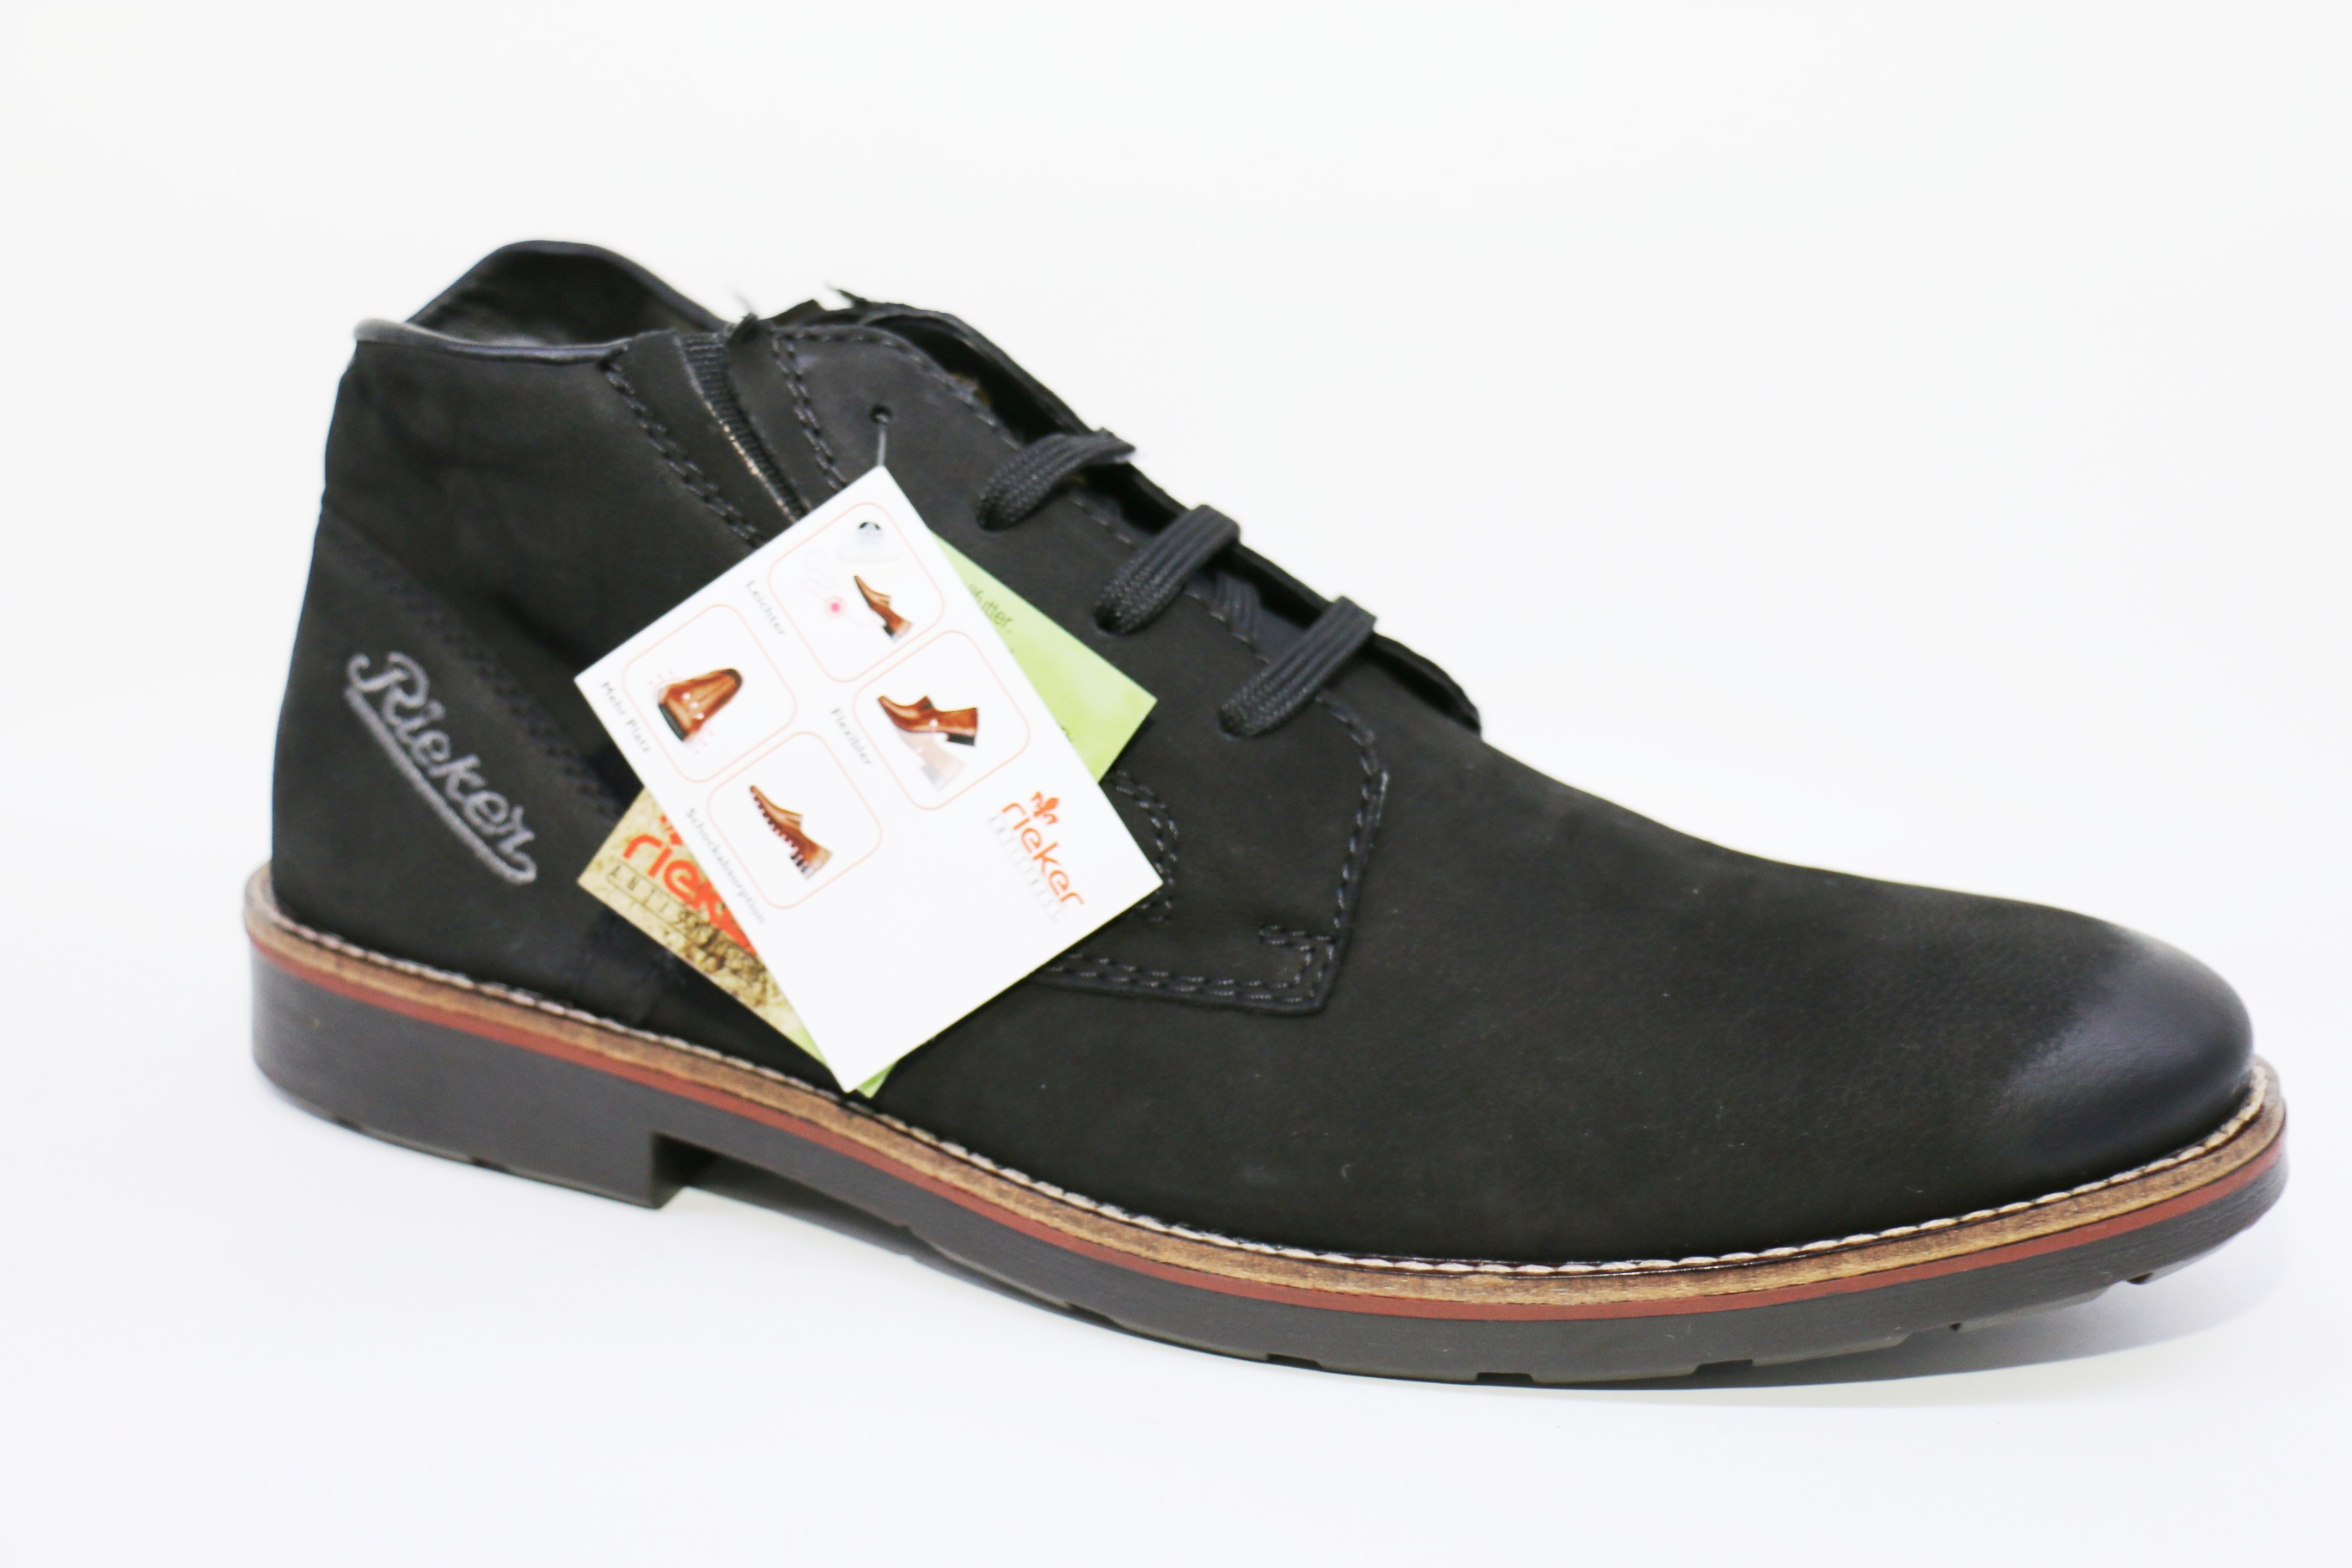 d553abca мужские зимние ботинки Rieker 35321-00 | Обувь из Германии.Немецкая ...